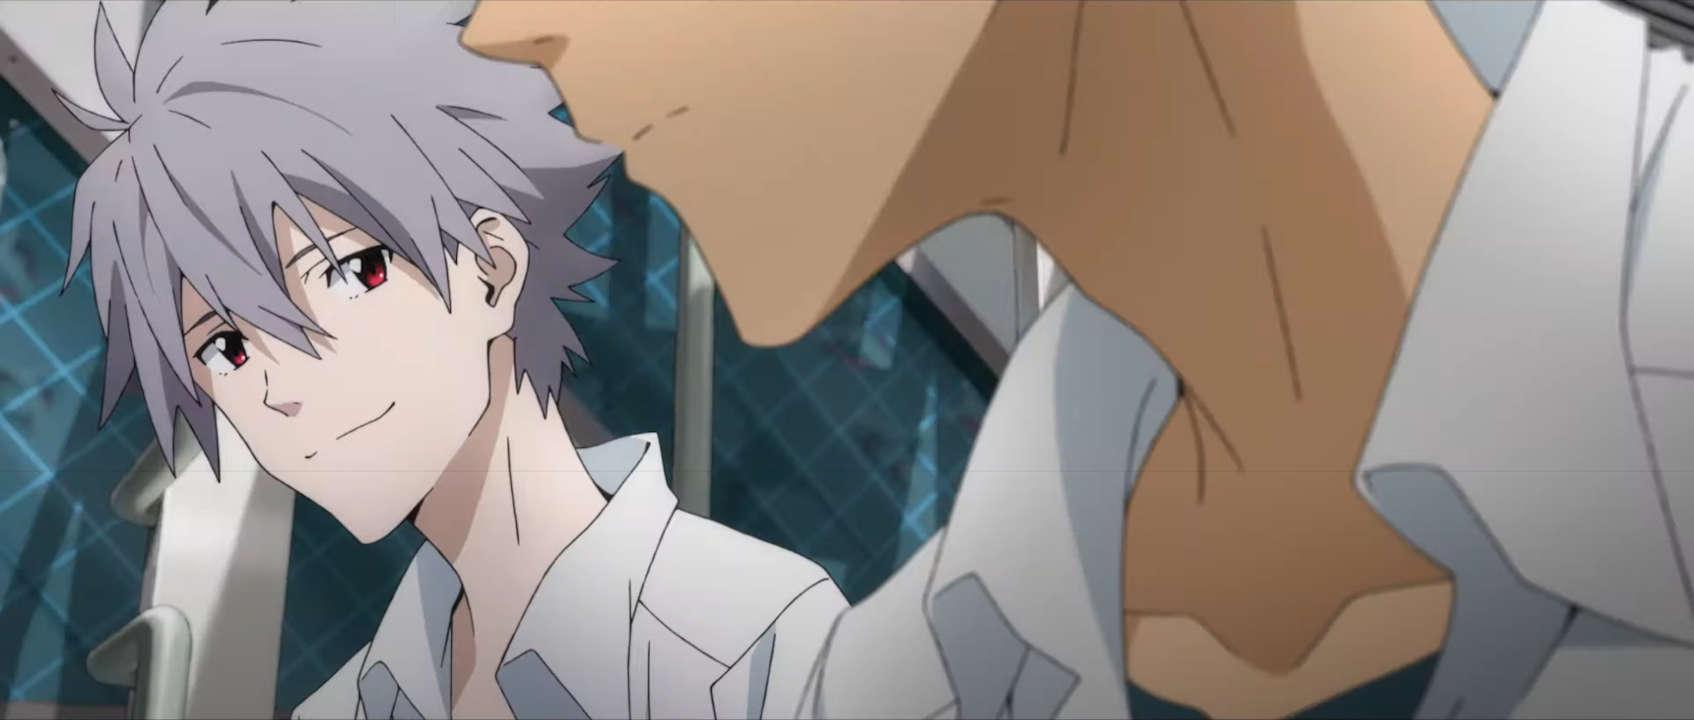 Kaworu & Shinji - Evangelion 3.0+1.0